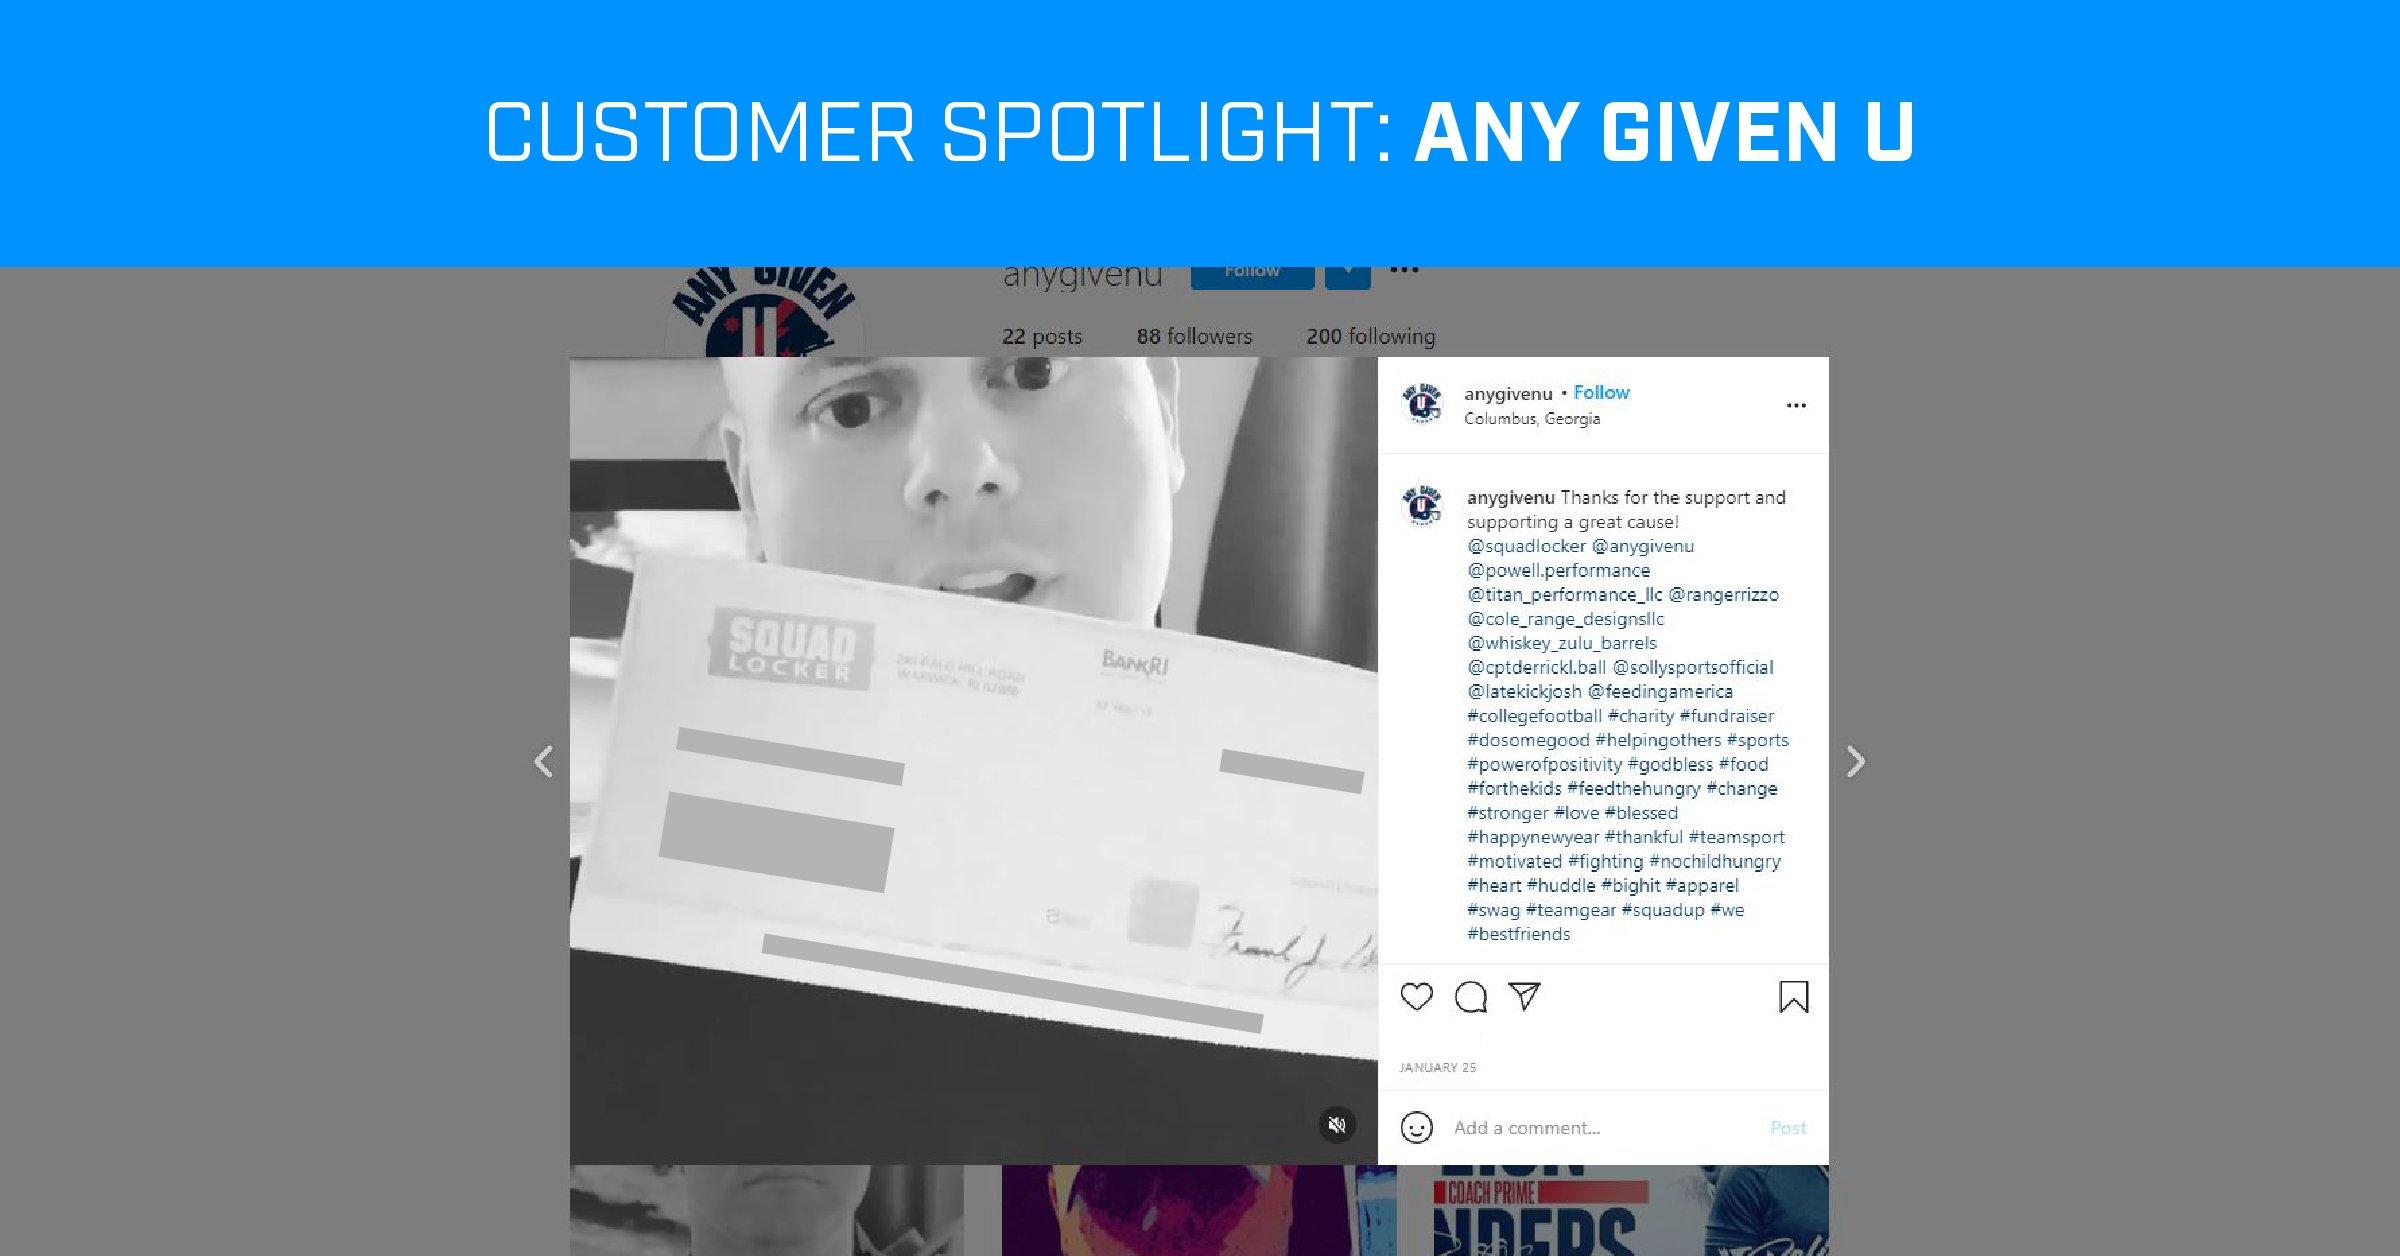 Customer Spotlight - Any Given U